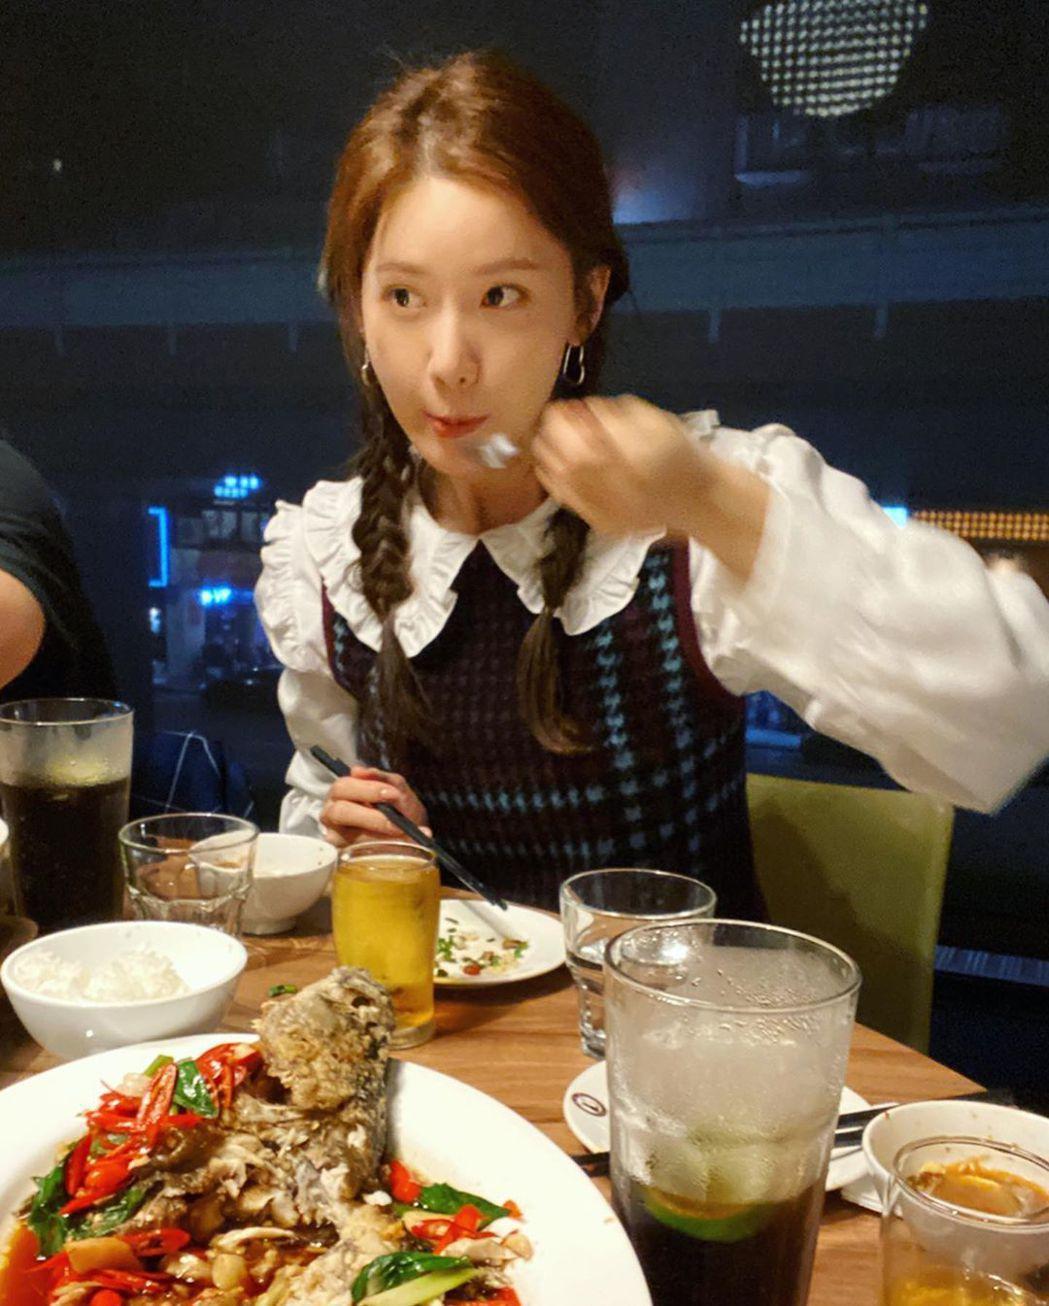 潤娥分享美食照。圖/擷自IG